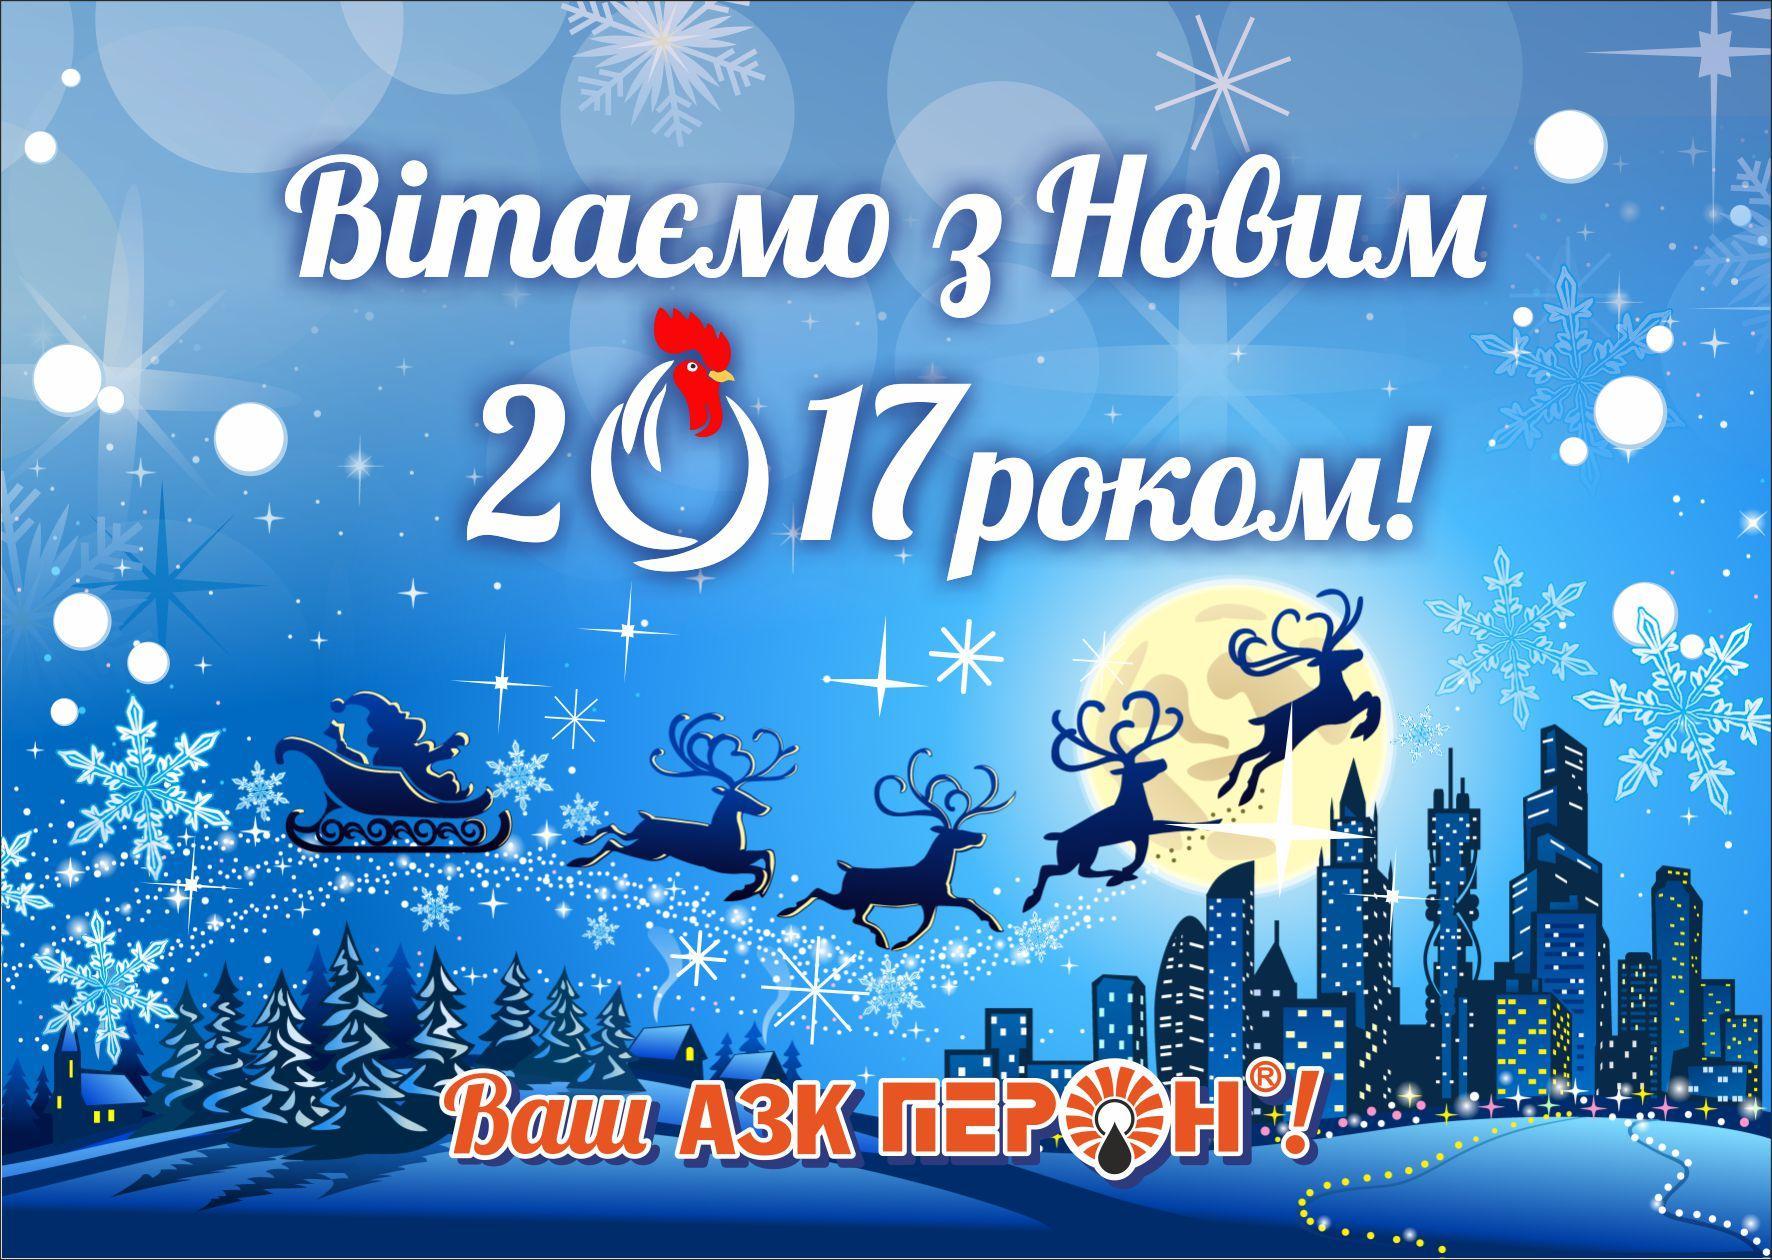 Вітаємо з Новим 2017 роком!